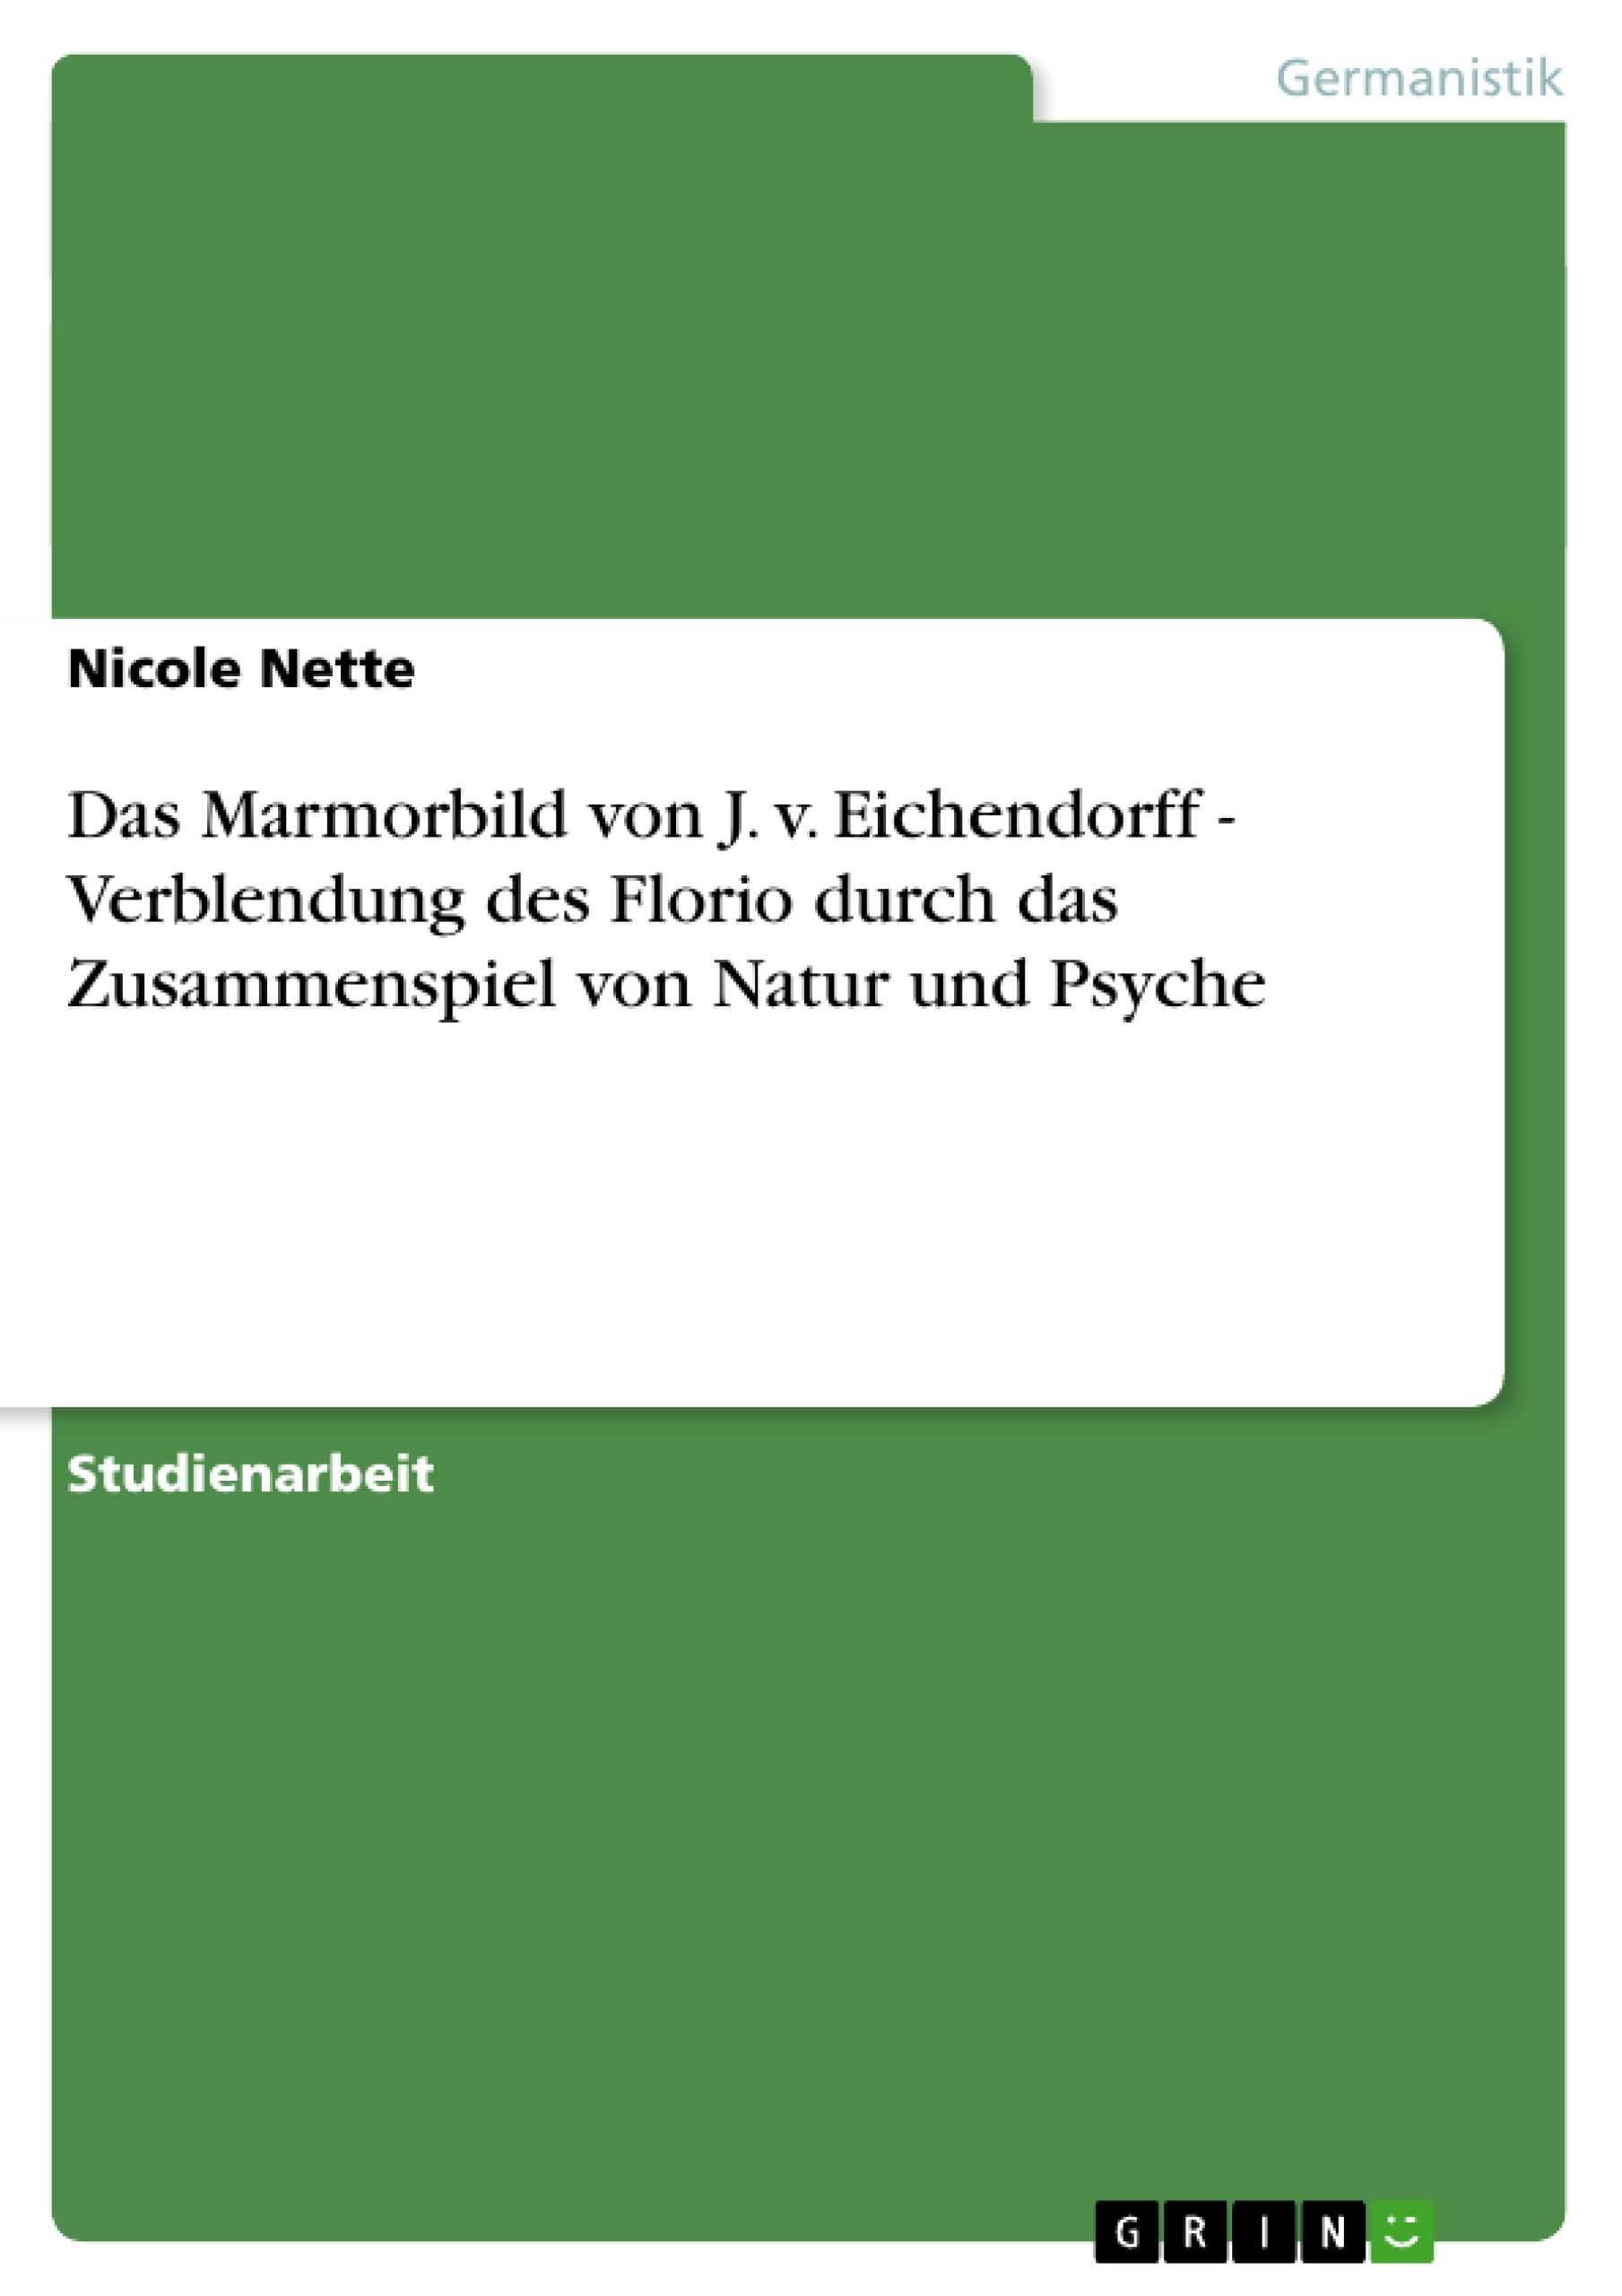 Titel: Das Marmorbild von J. v. Eichendorff - Verblendung des Florio durch das Zusammenspiel von Natur und Psyche